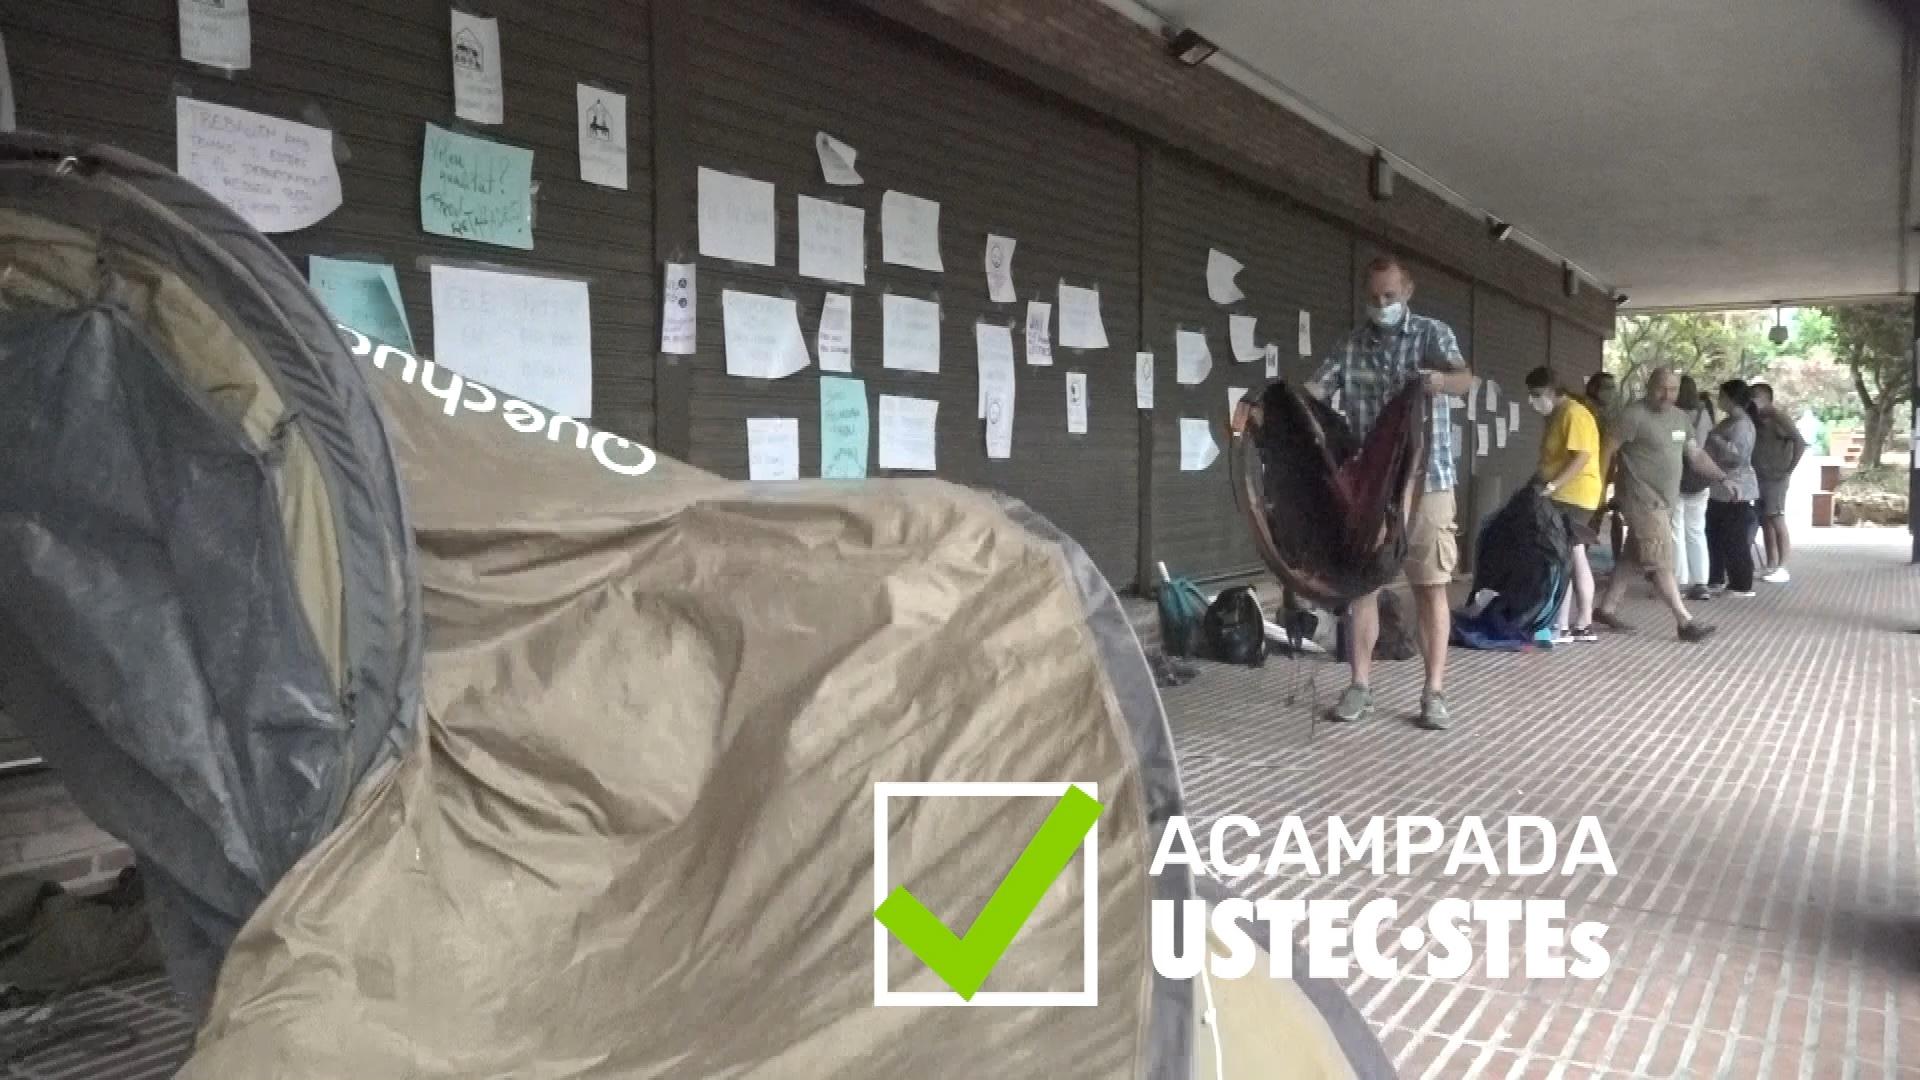 Acampada USTEC·STEs davant del Departament d'Educació